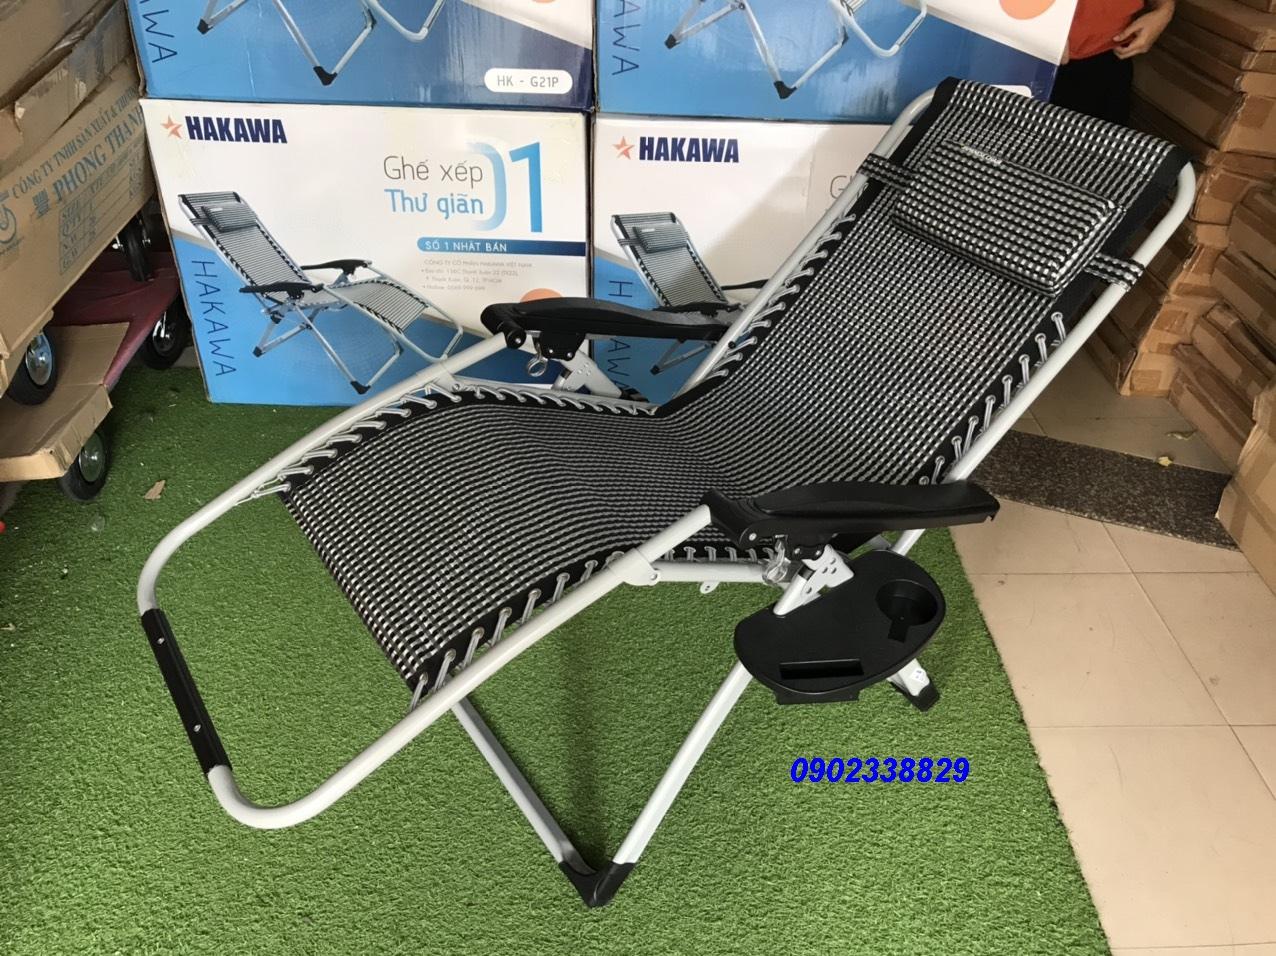 ghế xếp thư giãn cao cấp G21P